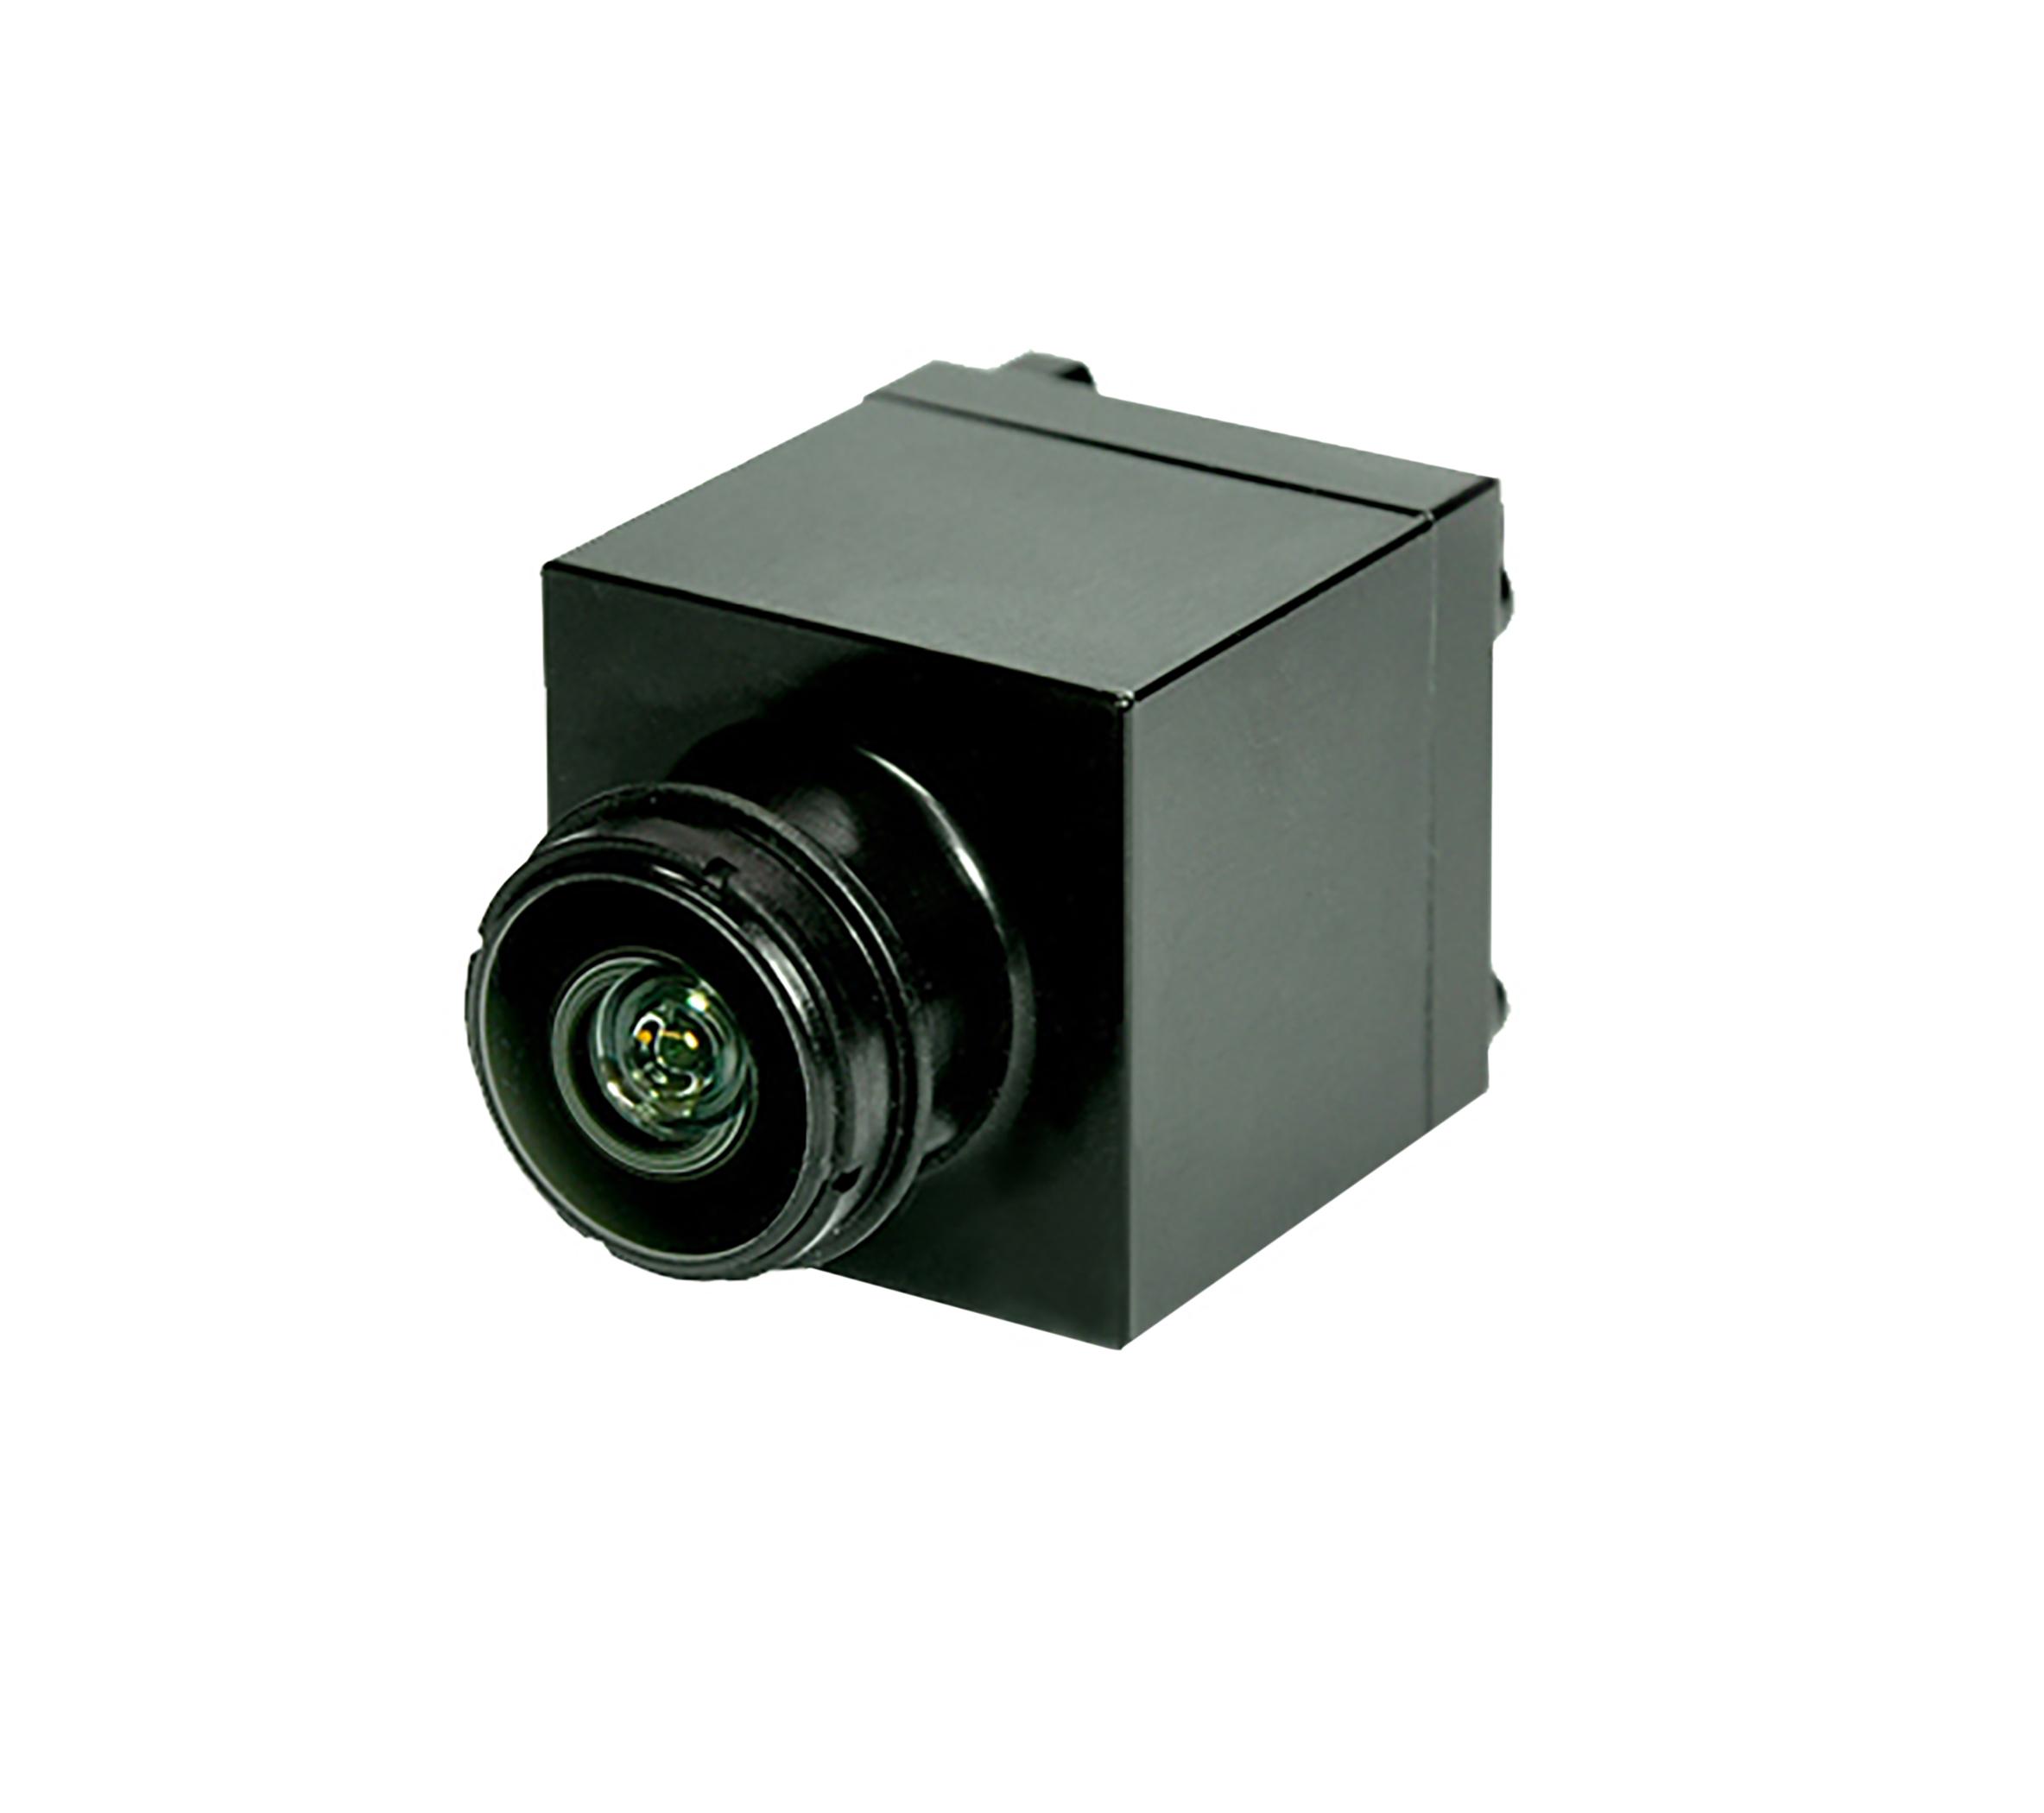 Robuste digitale HDR-CMOS-Kameras für OEM-Anwendungen in Fahrzeugen und Maschinen